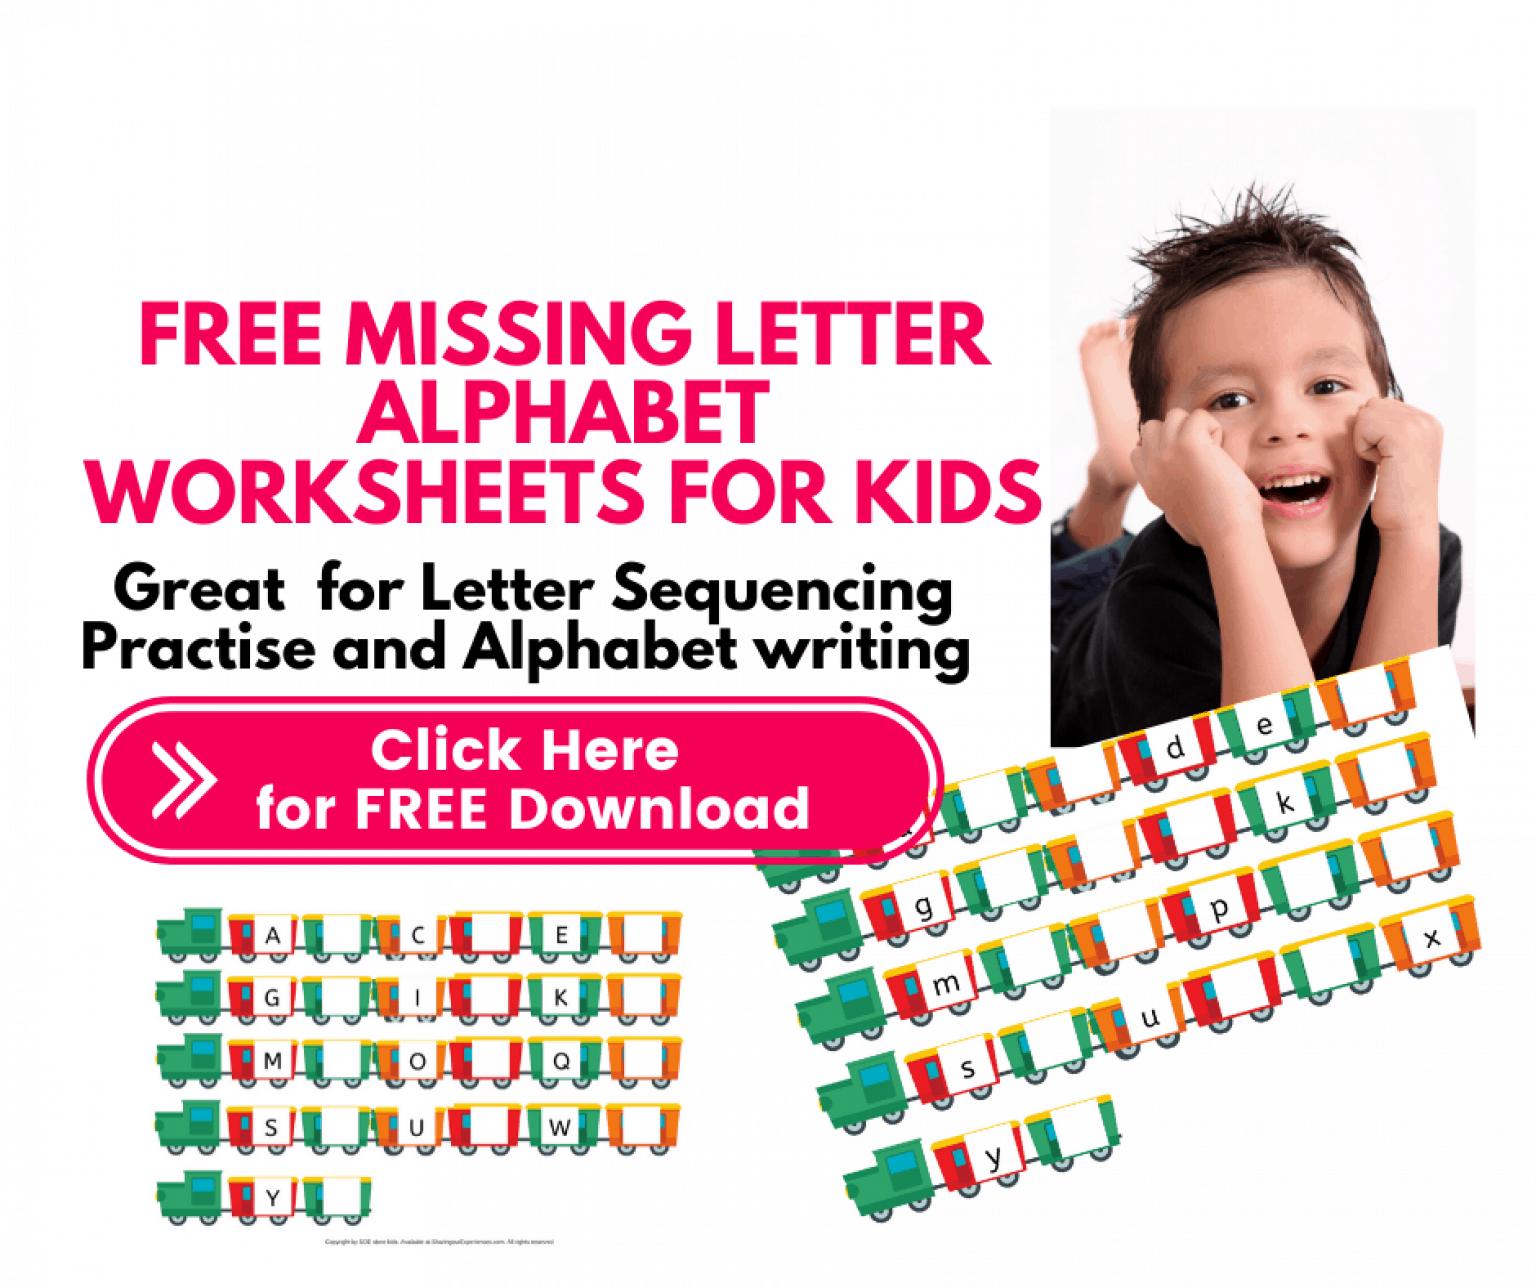 Free Missing Letter Worksheets For Kids